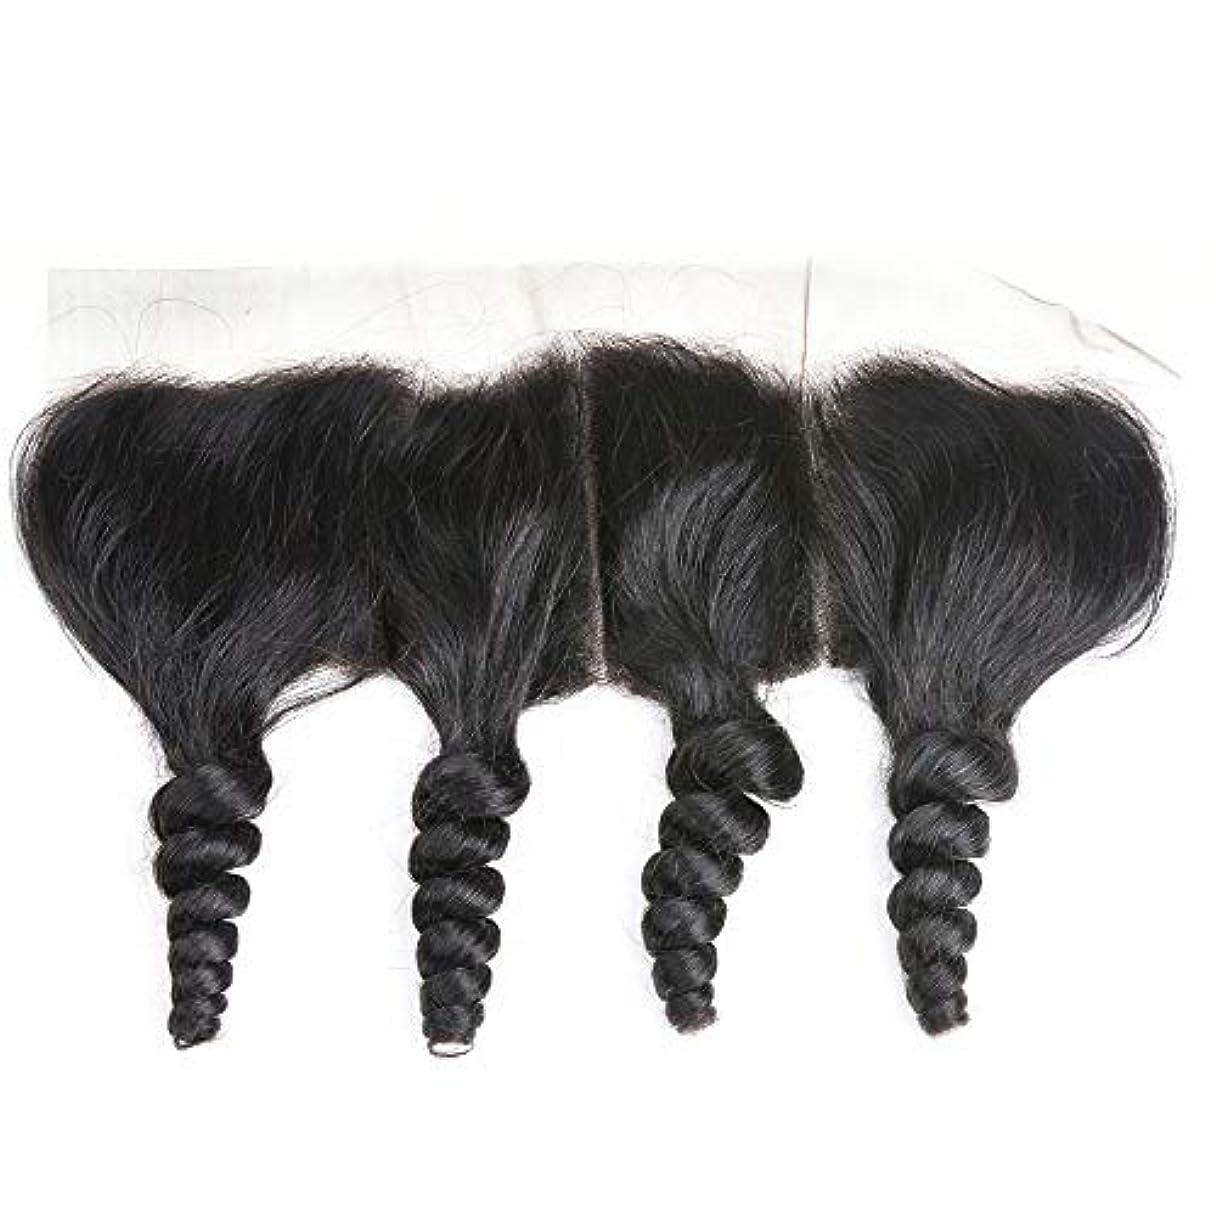 発生するテロリスト修道院WASAIO レース閉鎖緩い波ブラジルバージン人間の髪の毛の自然な色 (サイズ : 16 inch)